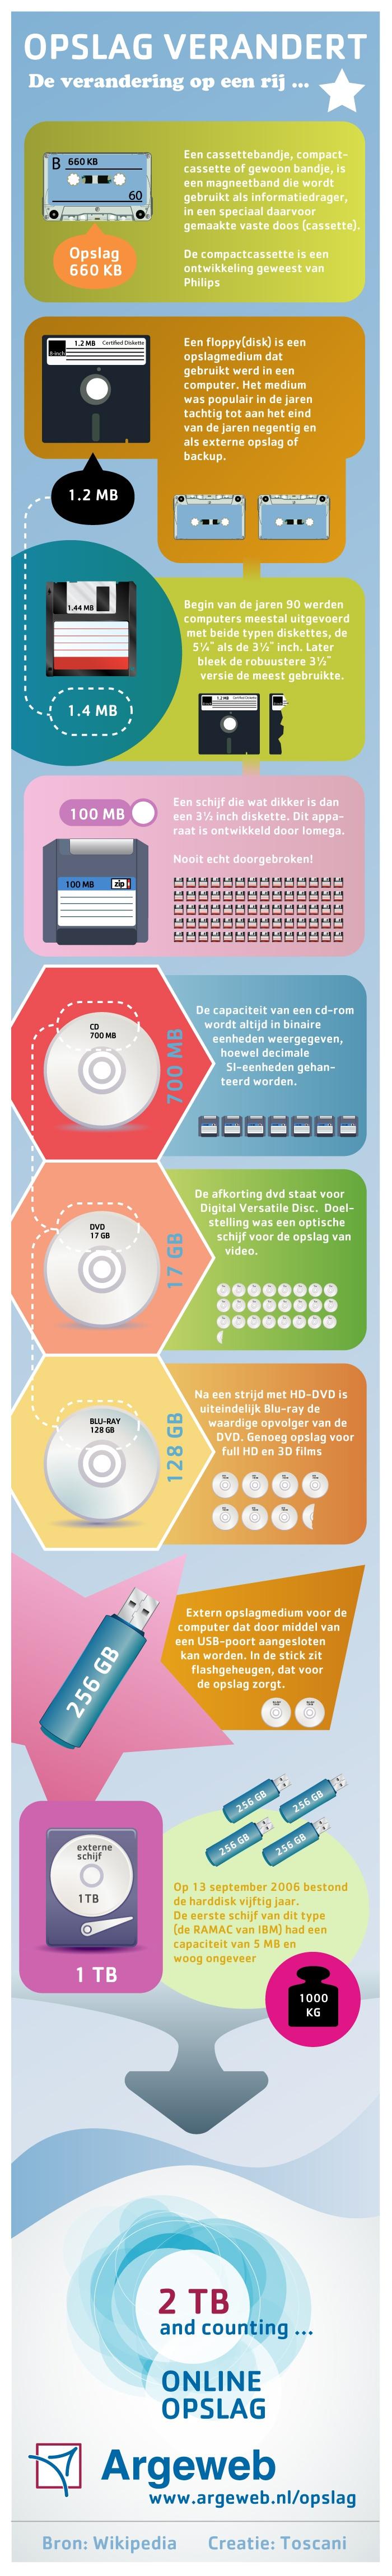 """Voor de campagne """"Opslag Verandert"""" heeft Toscani een prachtige infographic vormgegeven. Het geeft de levensweg weer van de opslag van databestanden. Van tape tot online opslag."""